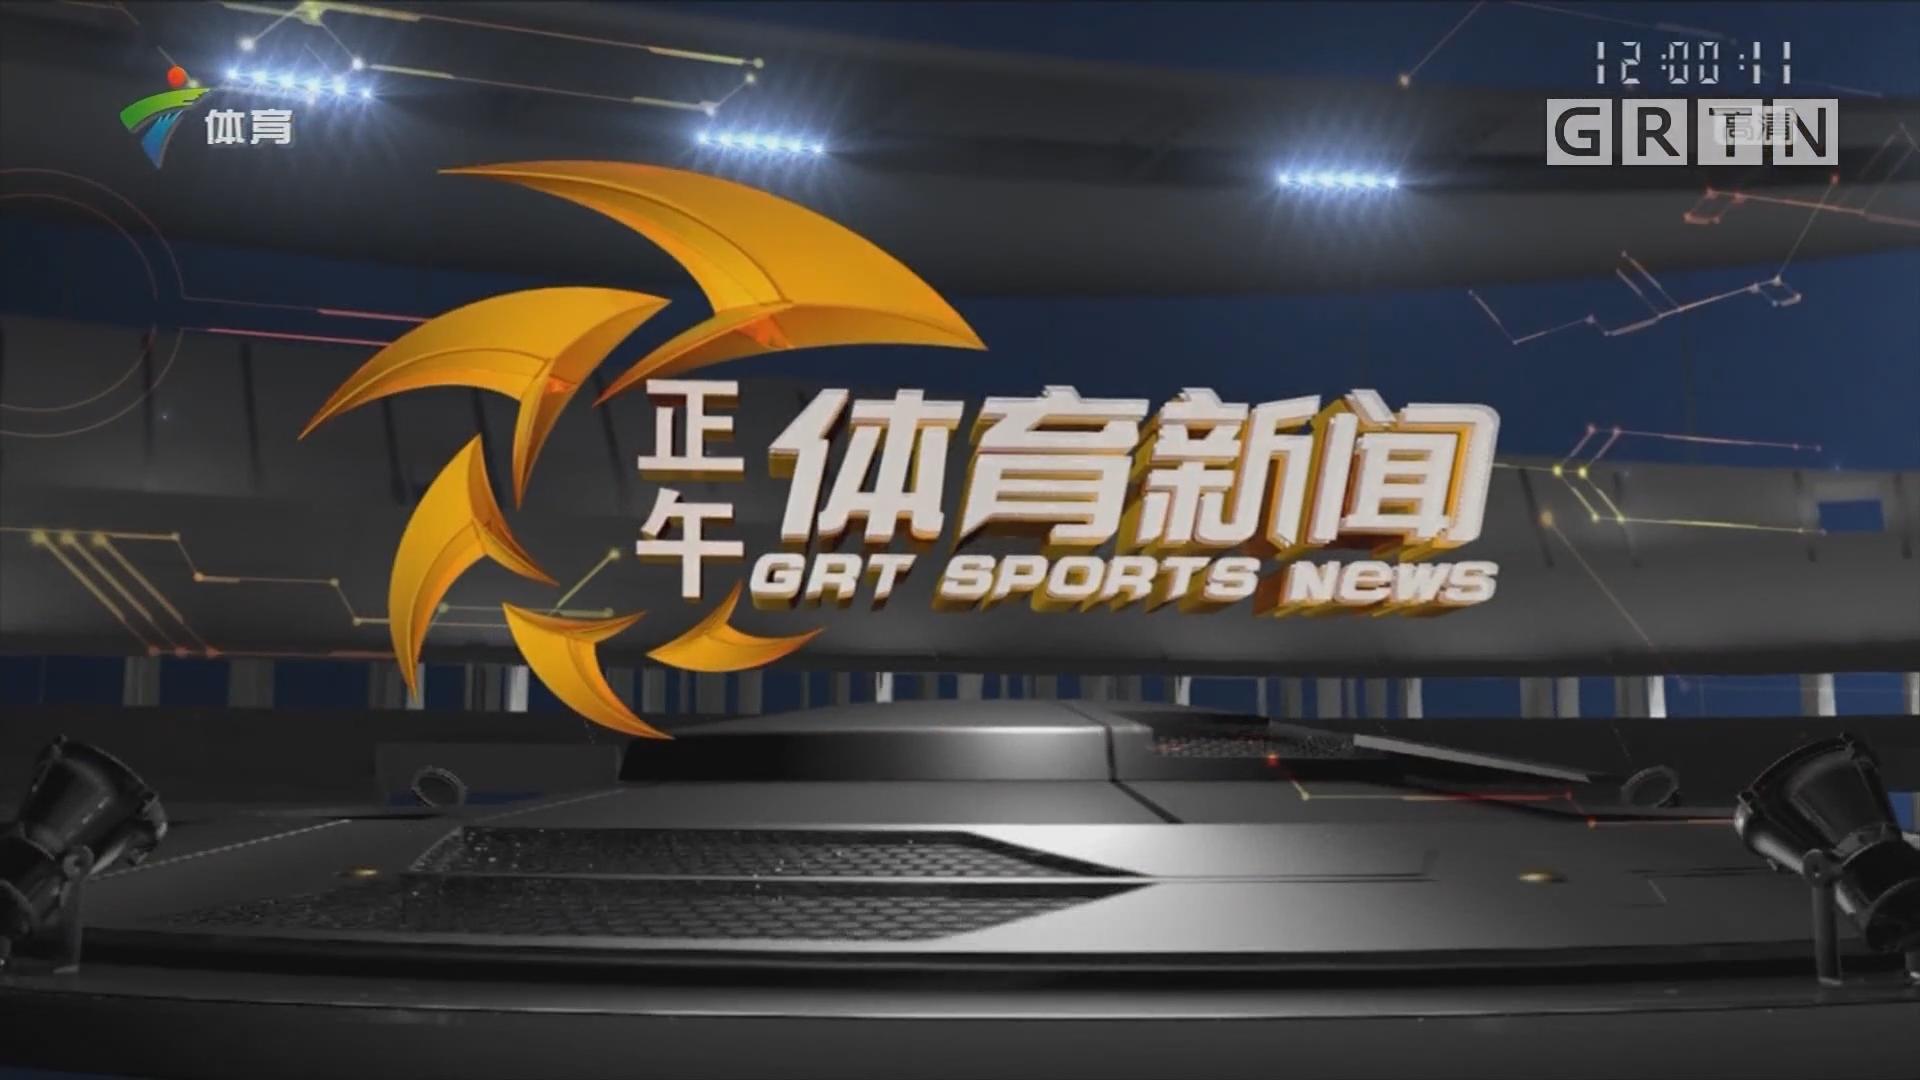 [HD][2019-02-01]正午体育新闻:戴维斯杯张择出战三场 中国队期待最好表现